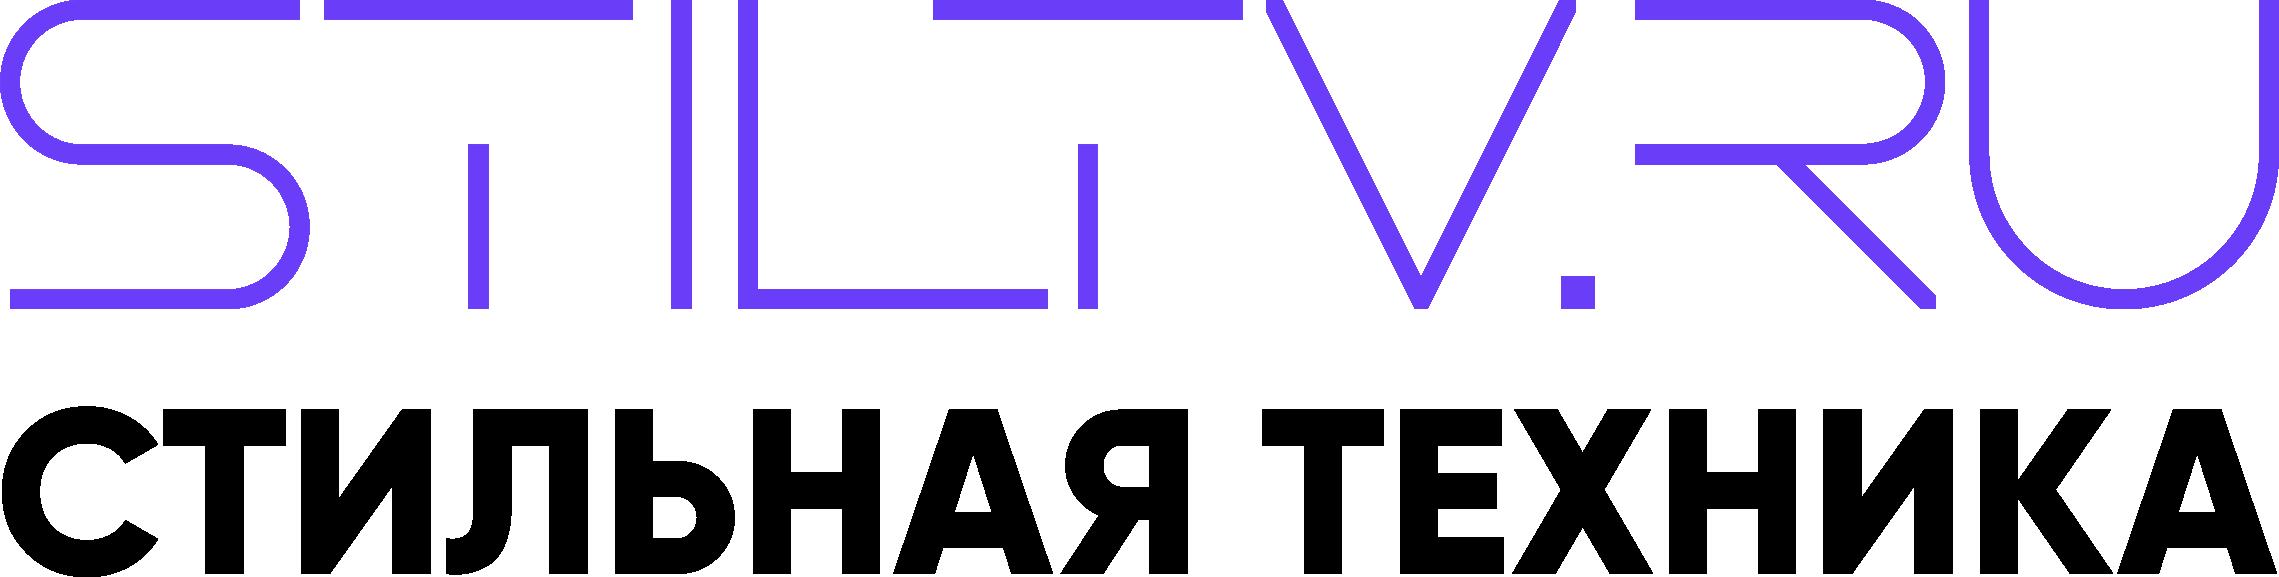 интернет-магазин Стильная Техника